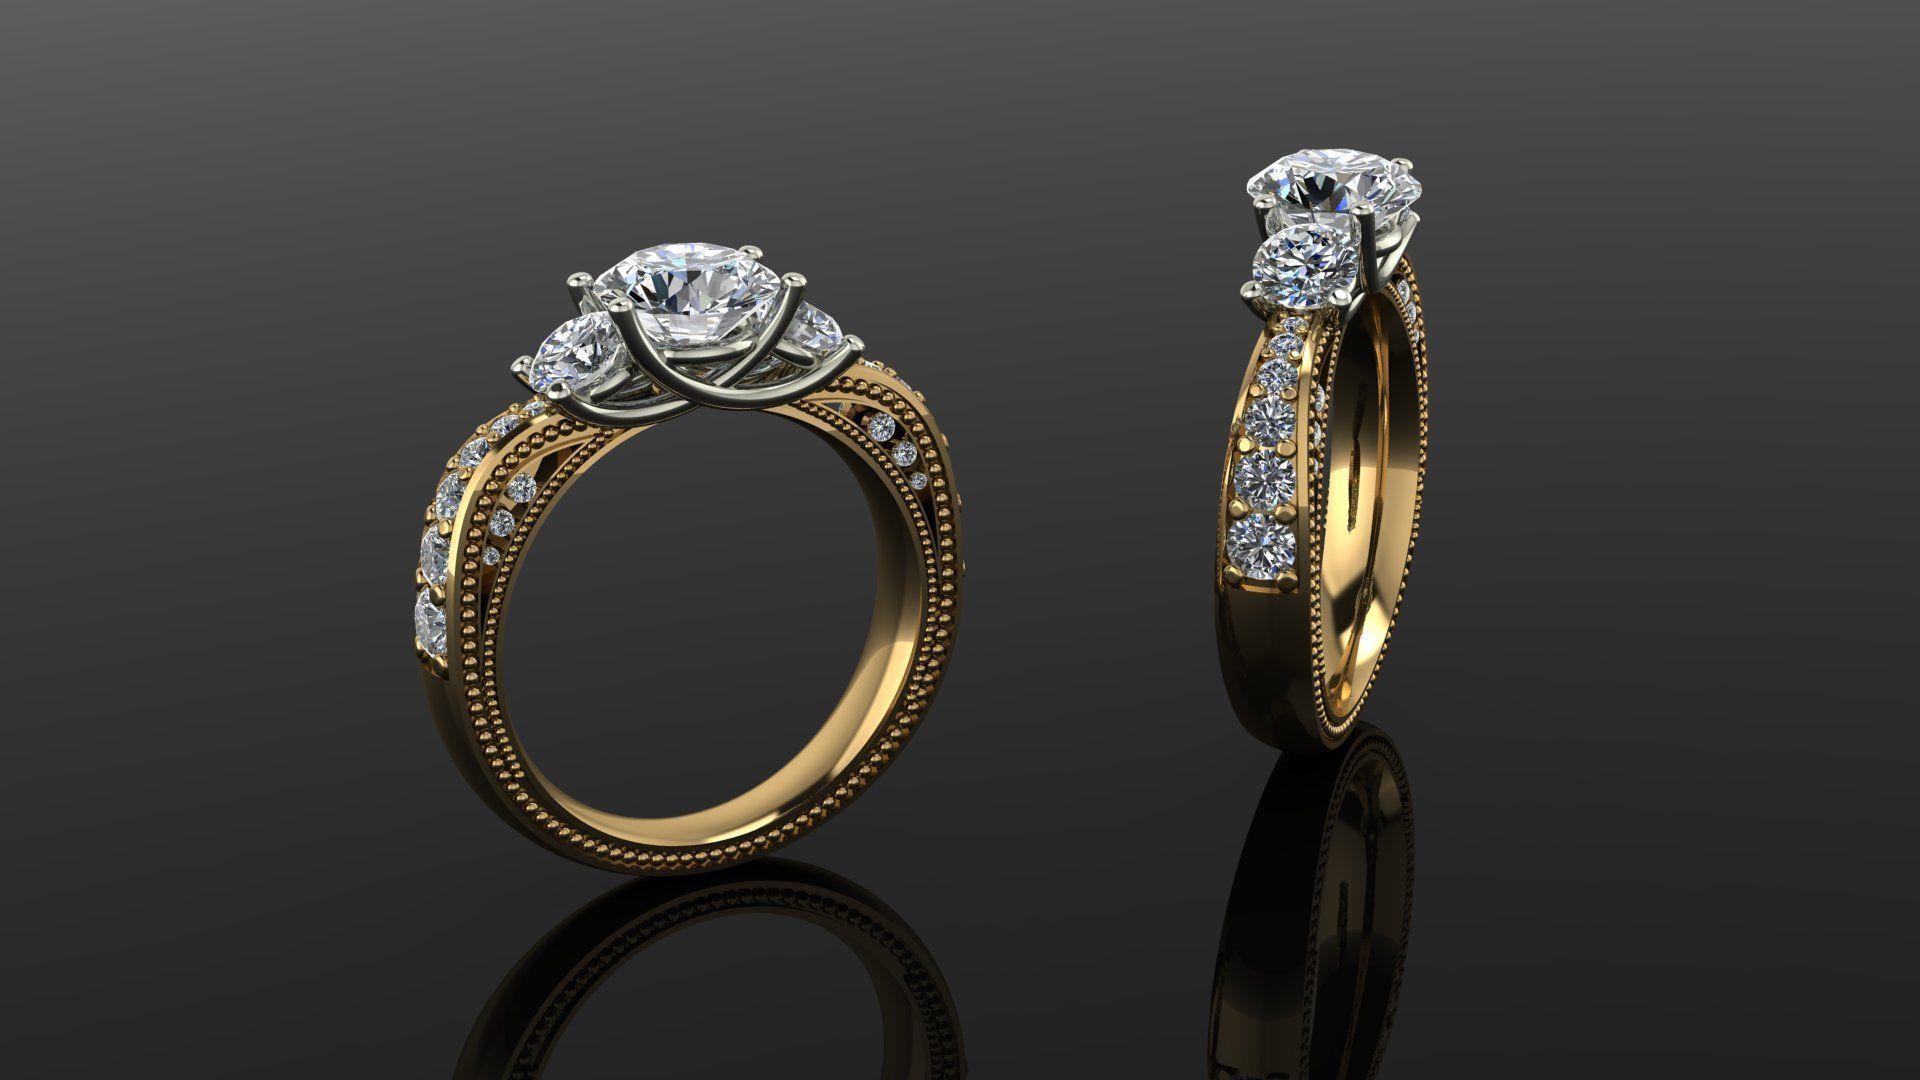 diamond-ring-007-3d-model-stl-3dm.jpg